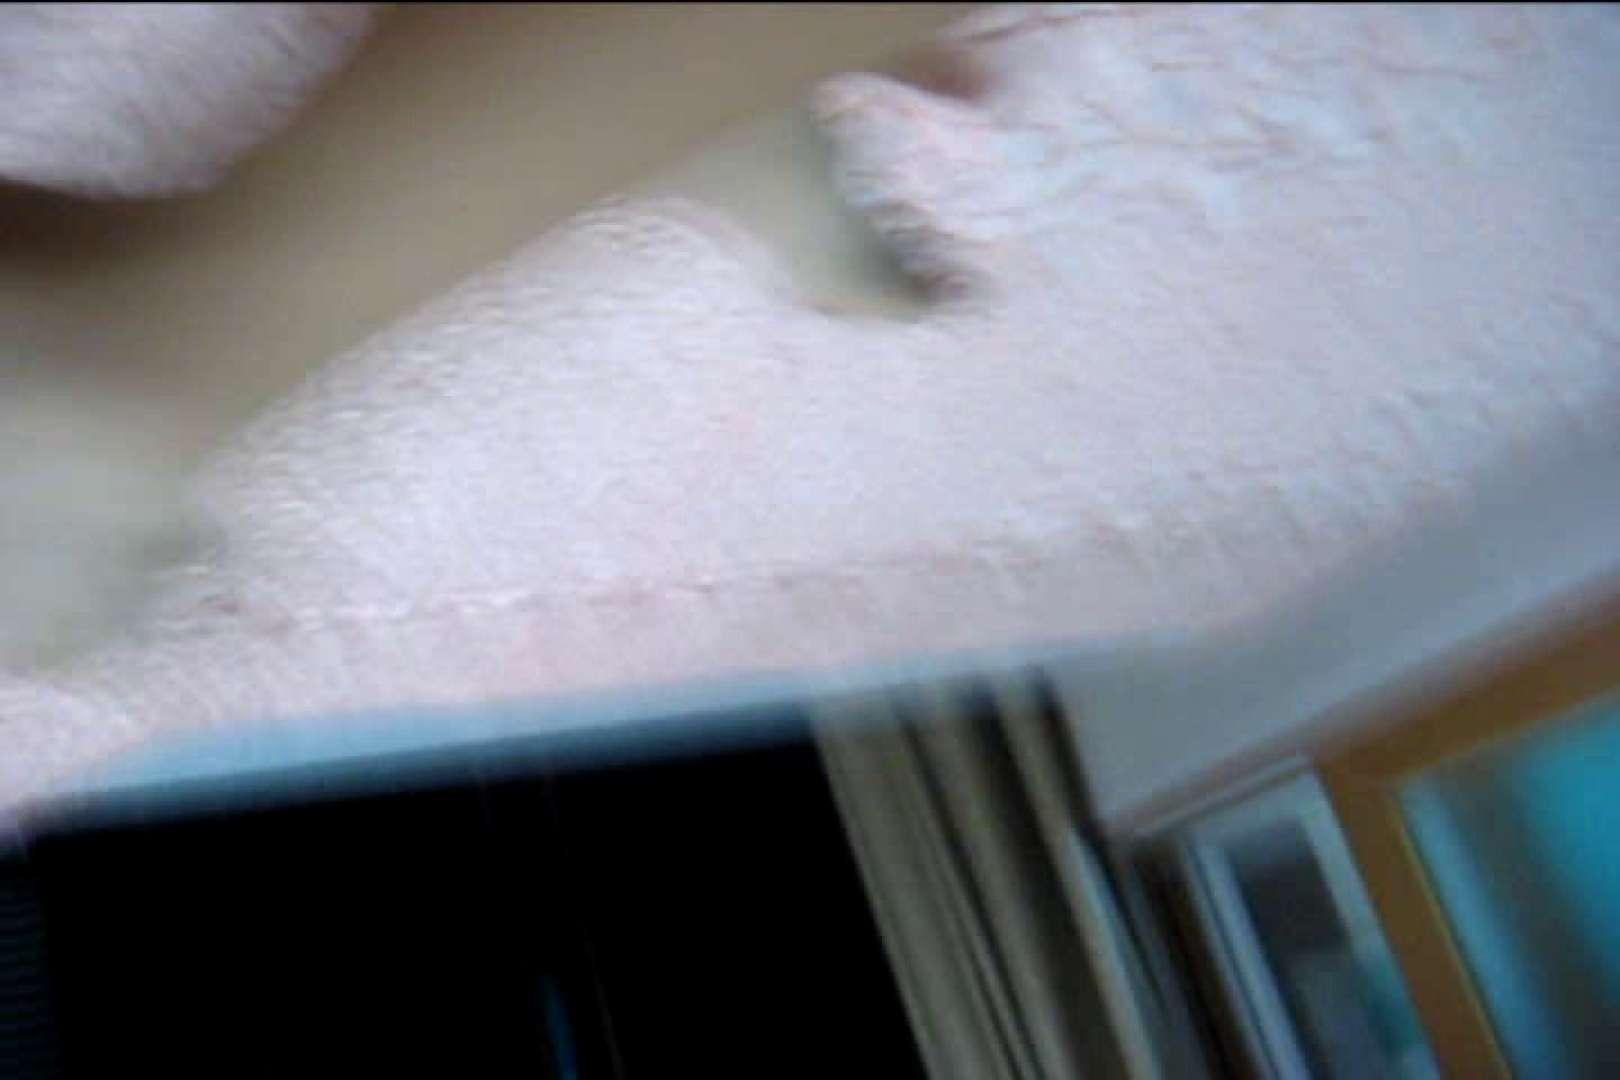 コリアン素人流出シリーズ 変態美少女の自我撮りマン弄り 美少女エロ画像 盗み撮り動画キャプチャ 93枚 31